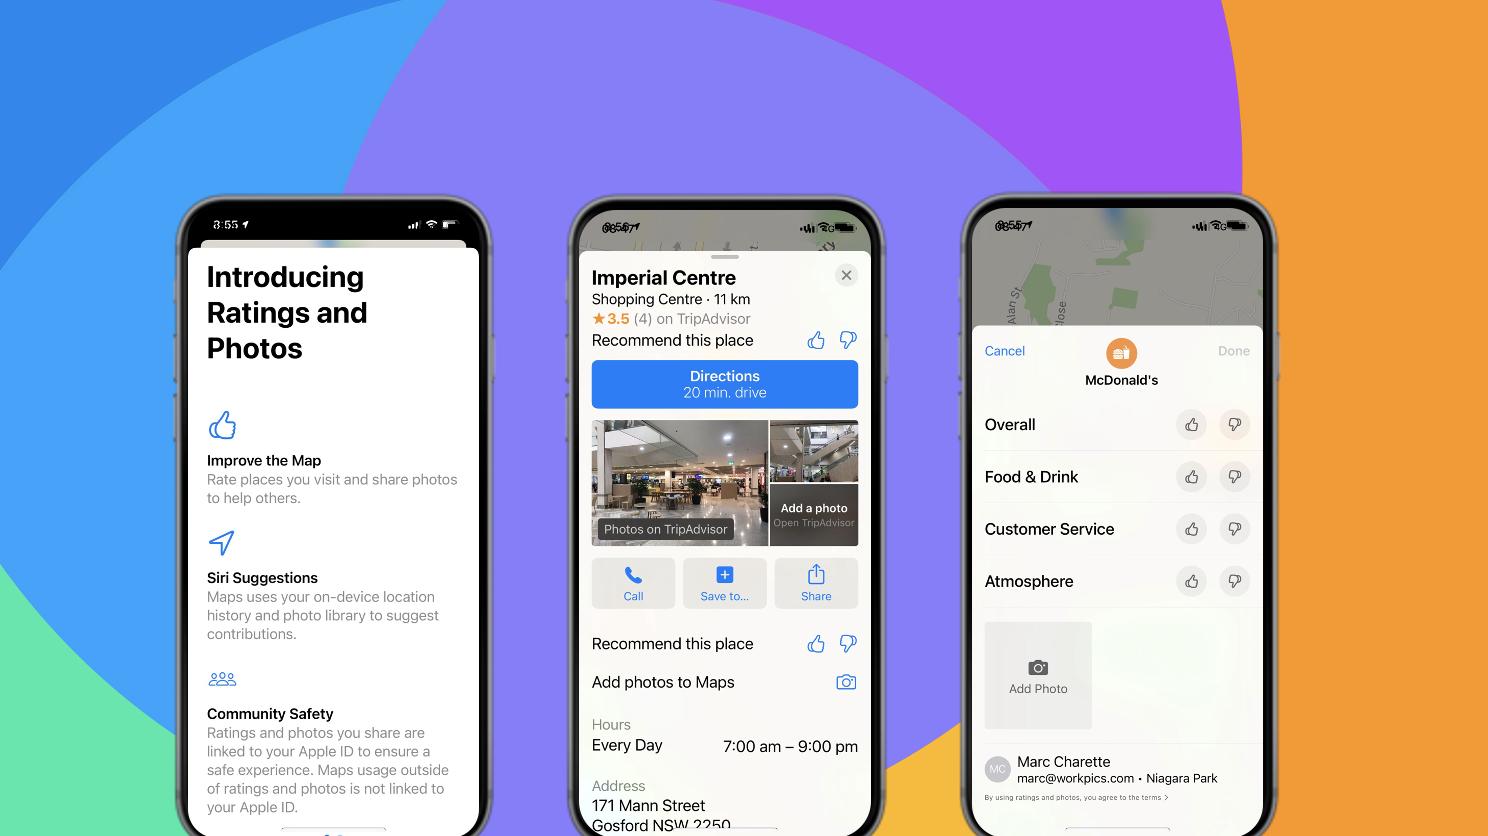 Nouvelle interface d'avis iOS14 Apple Plans